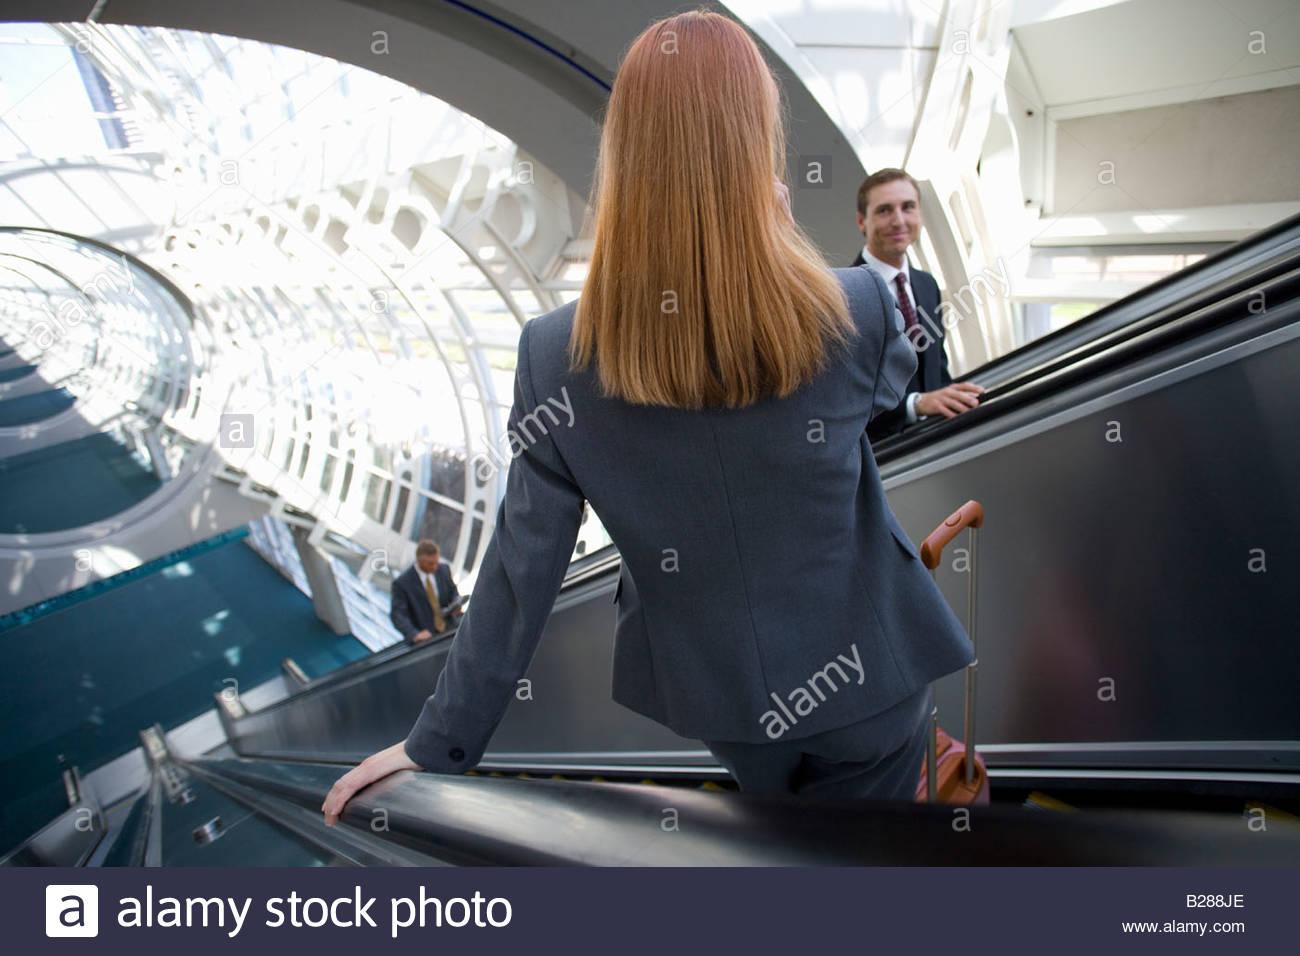 La gente di affari utilizzando scale mobili in aeroporto Immagini Stock